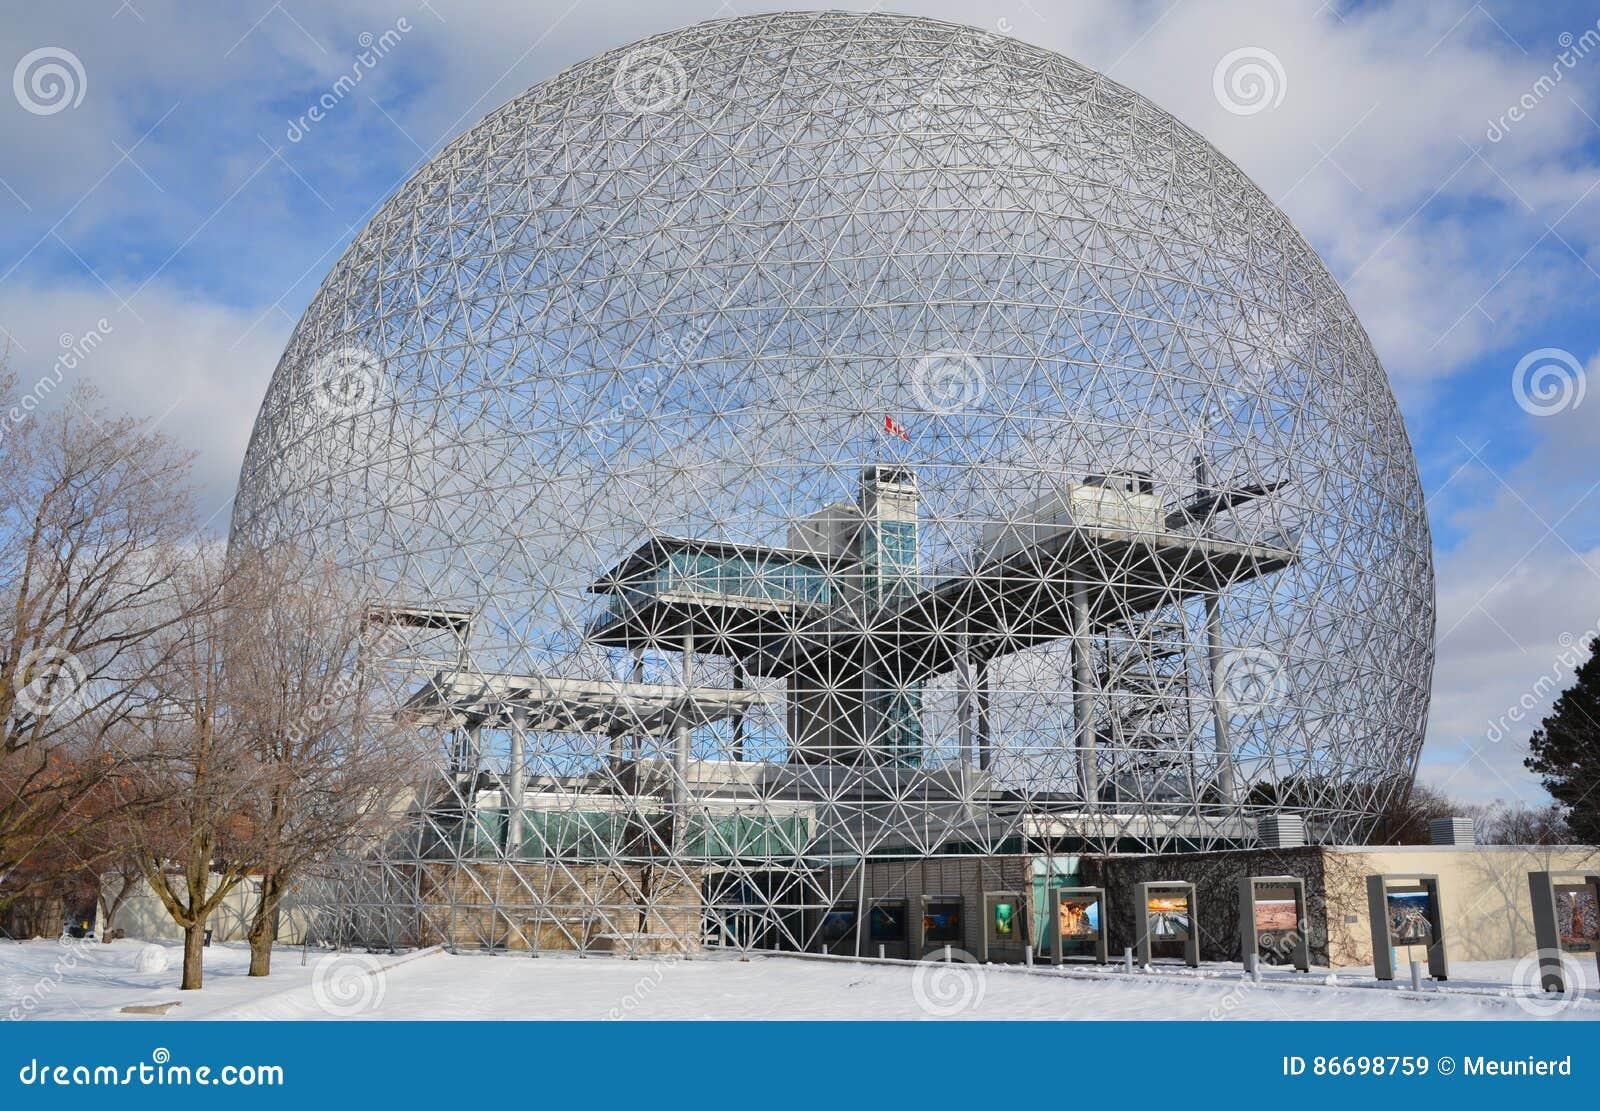 Biosfeer